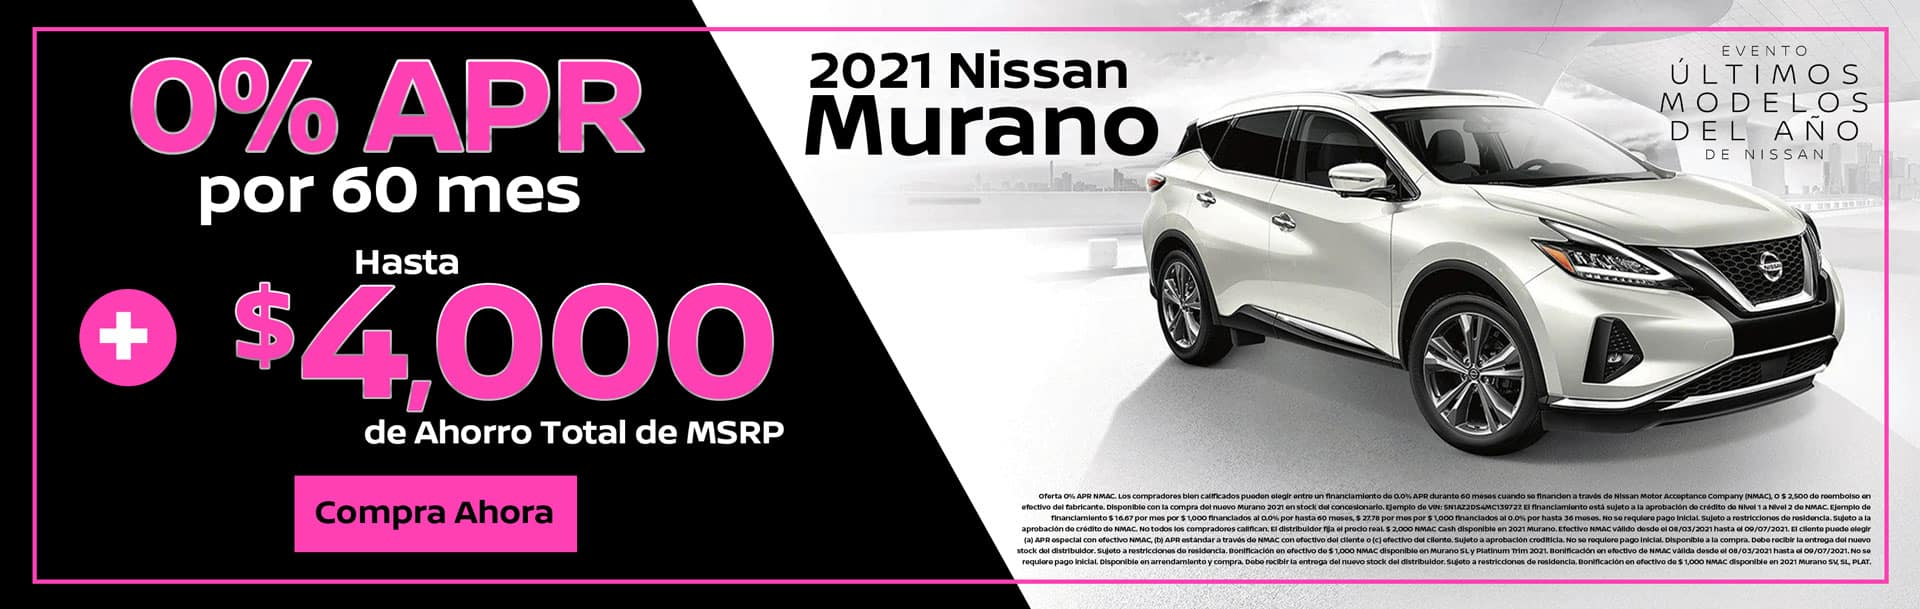 Oferta de 2021 Nissan Murano Platinum en Spokane, WA